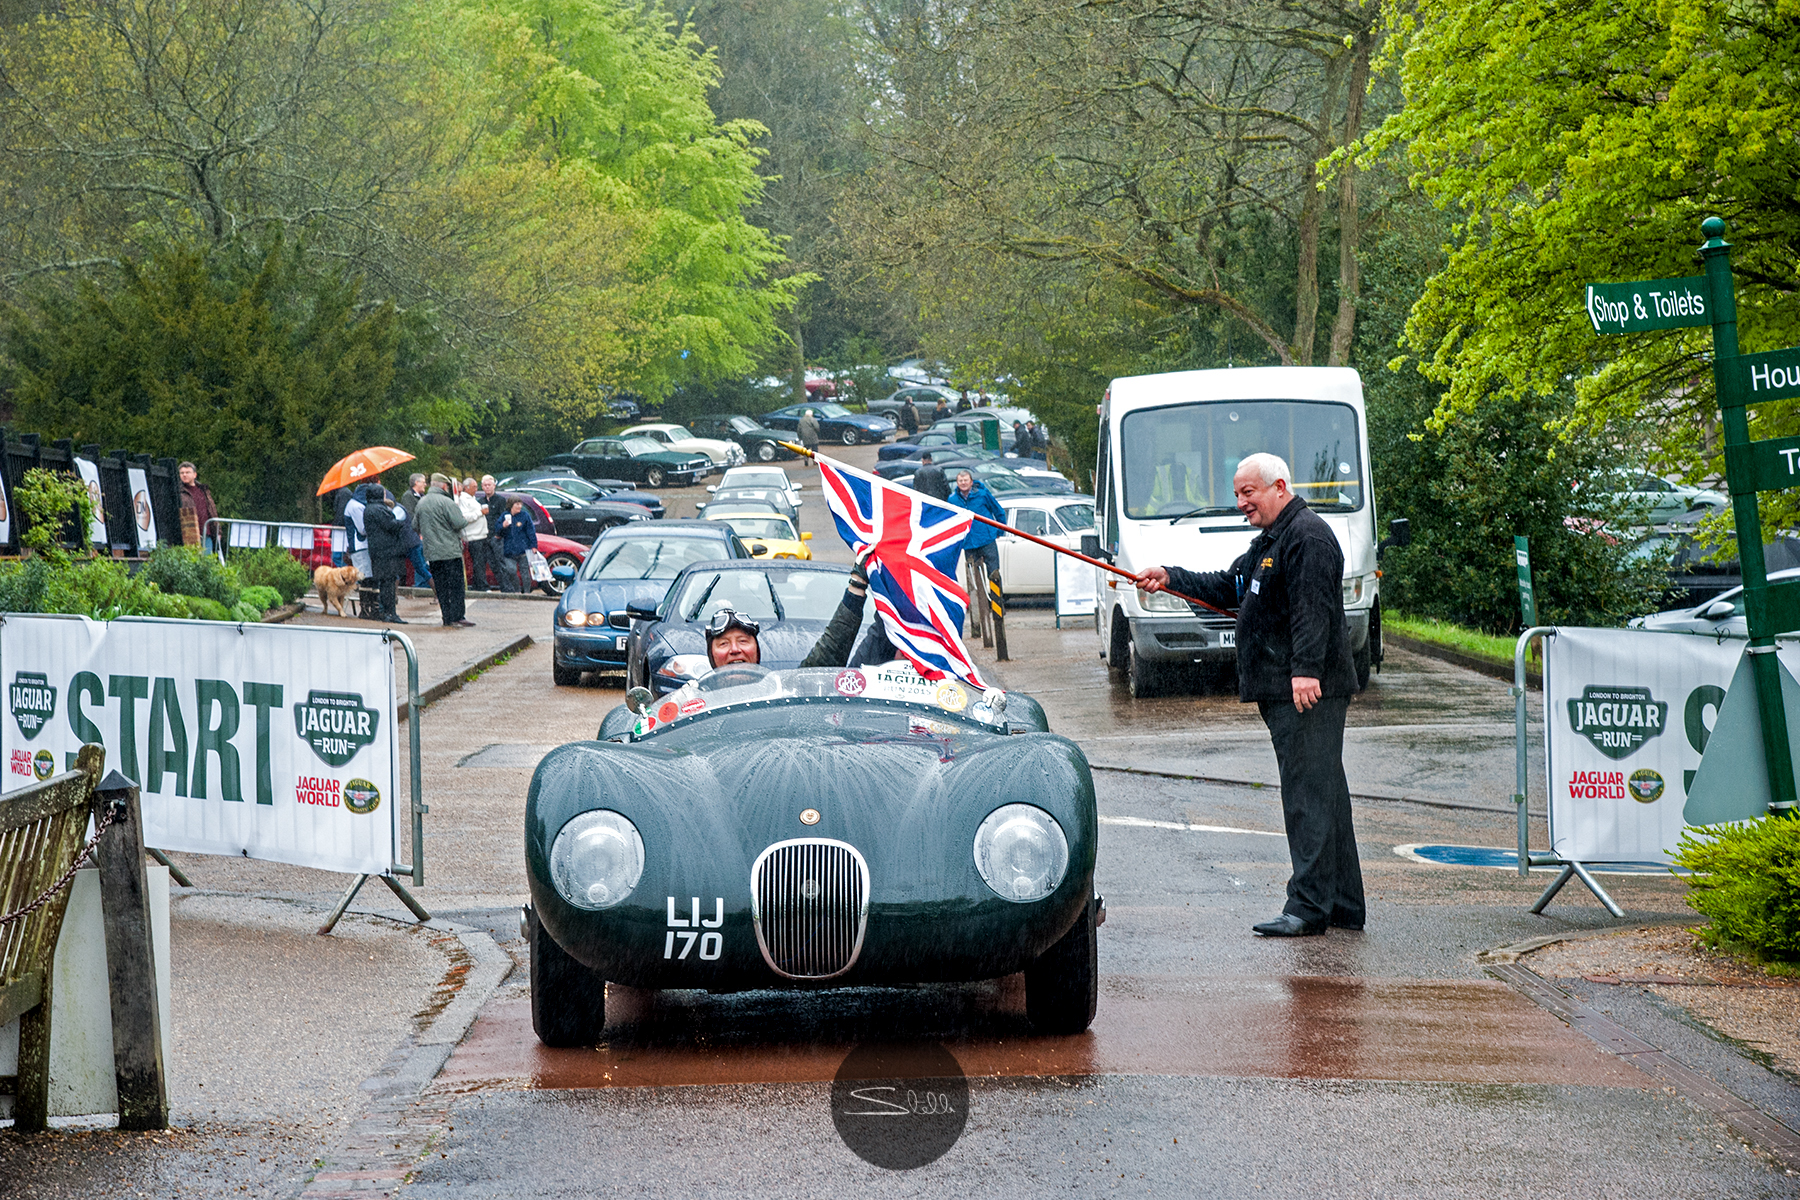 Stella Scordellis Jaguar Car Run 2015 9 Watermarked.jpg